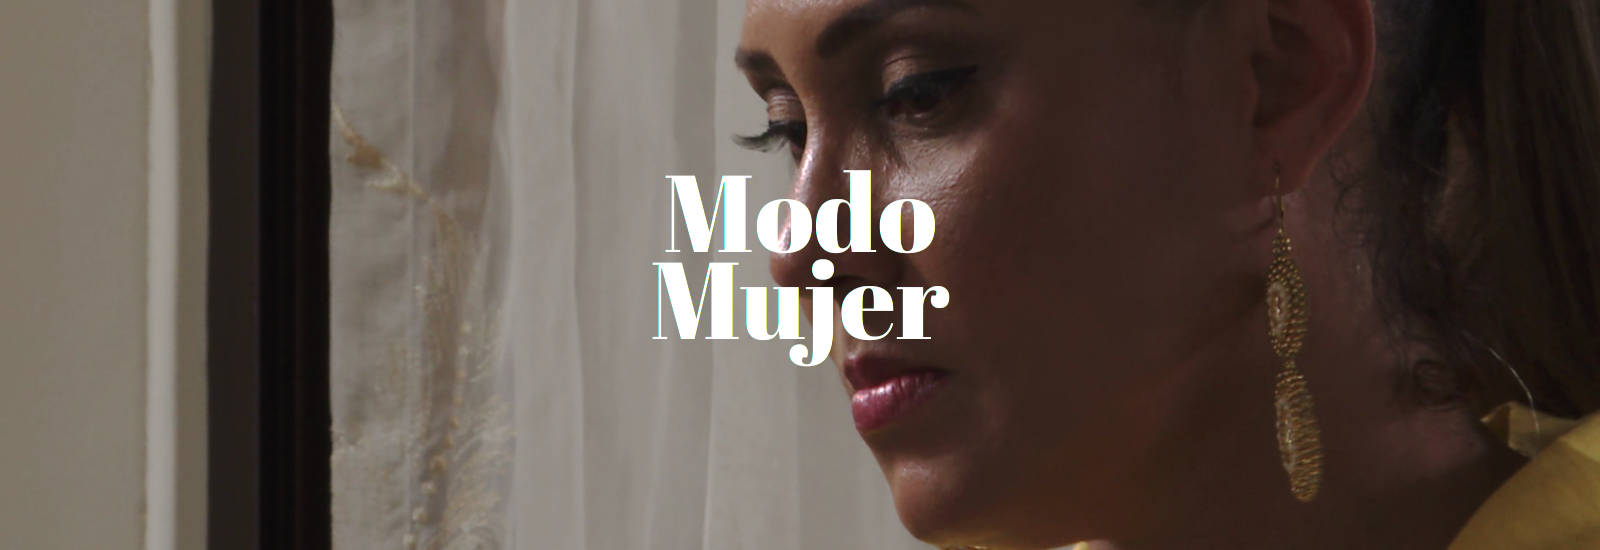 En marzo Telepacífico se pone en 'Modo Mujer' con historias de mujeres de la región